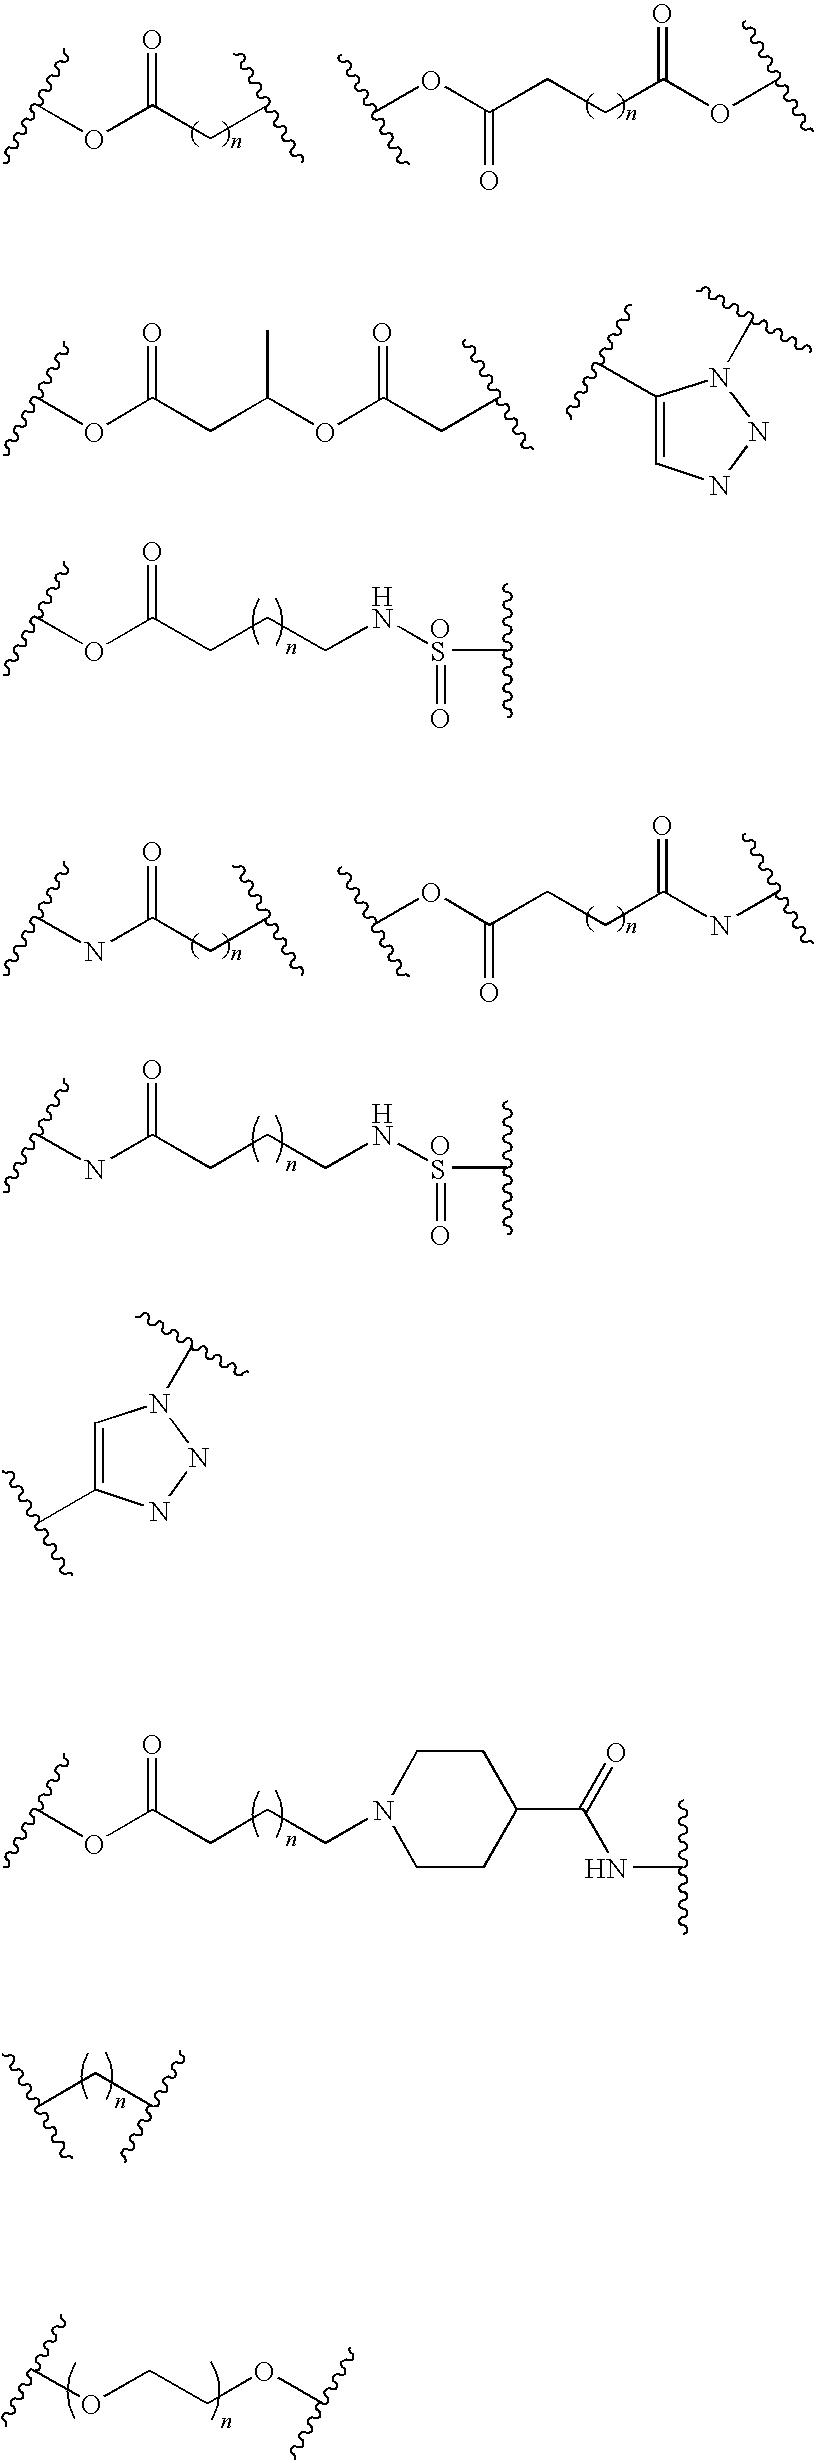 Figure US20090305410A1-20091210-C00037